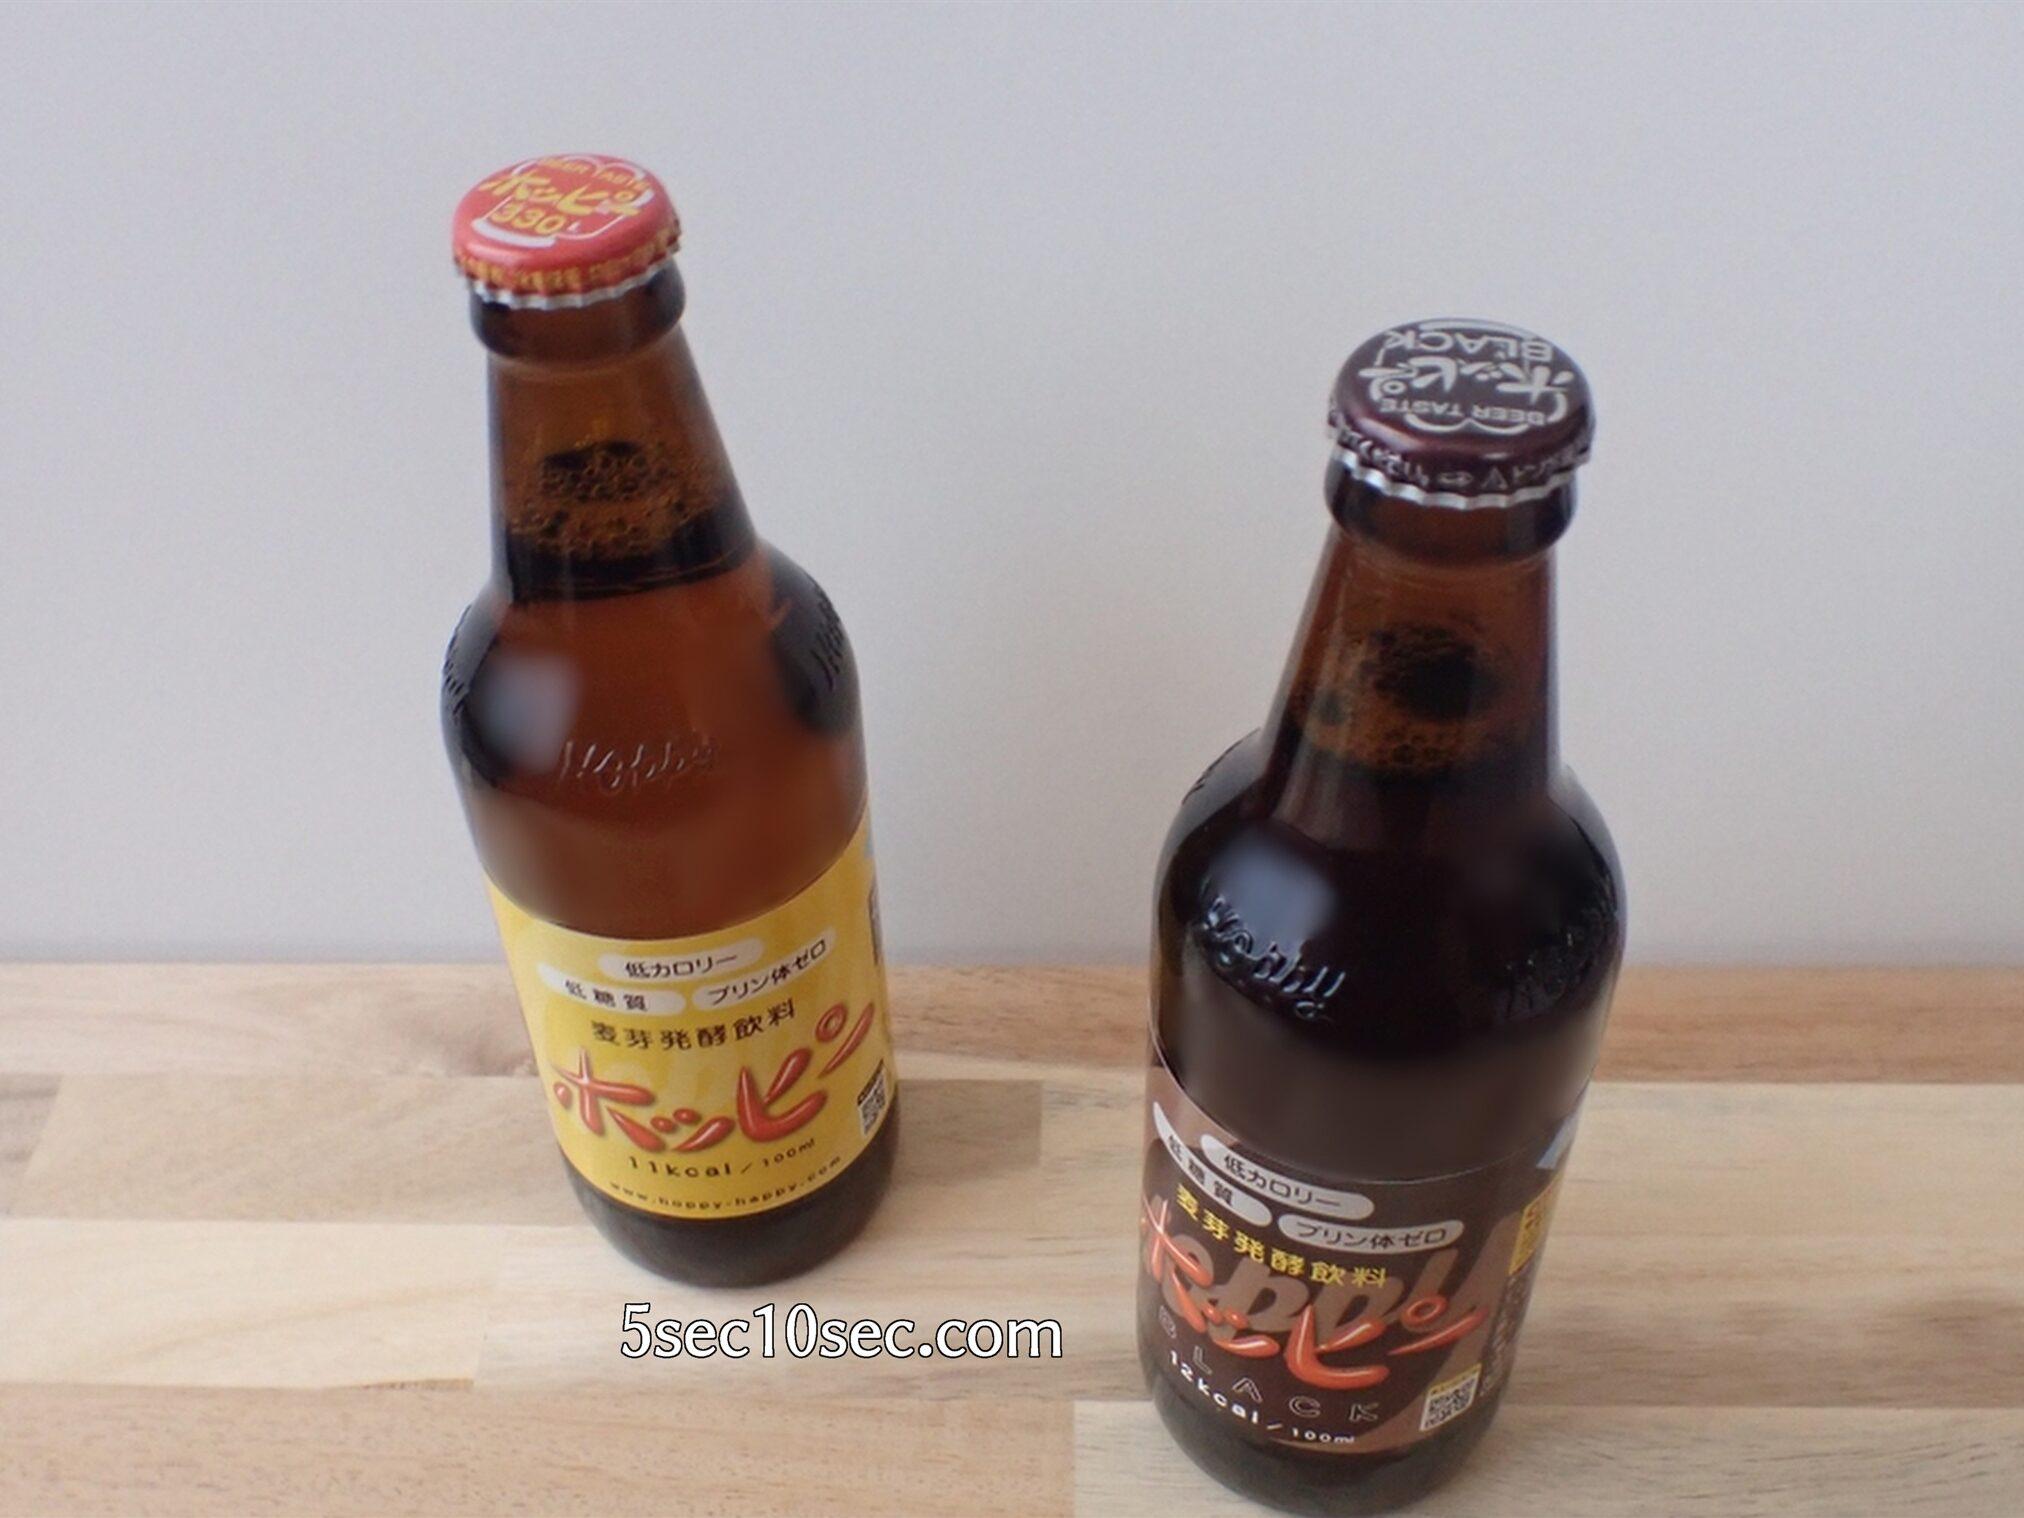 ホッピーはノンアルコールビールの代わりになるのかを検証してみた ホッピービバレッジ株式会社 ホッピー330 ホッピーブラック